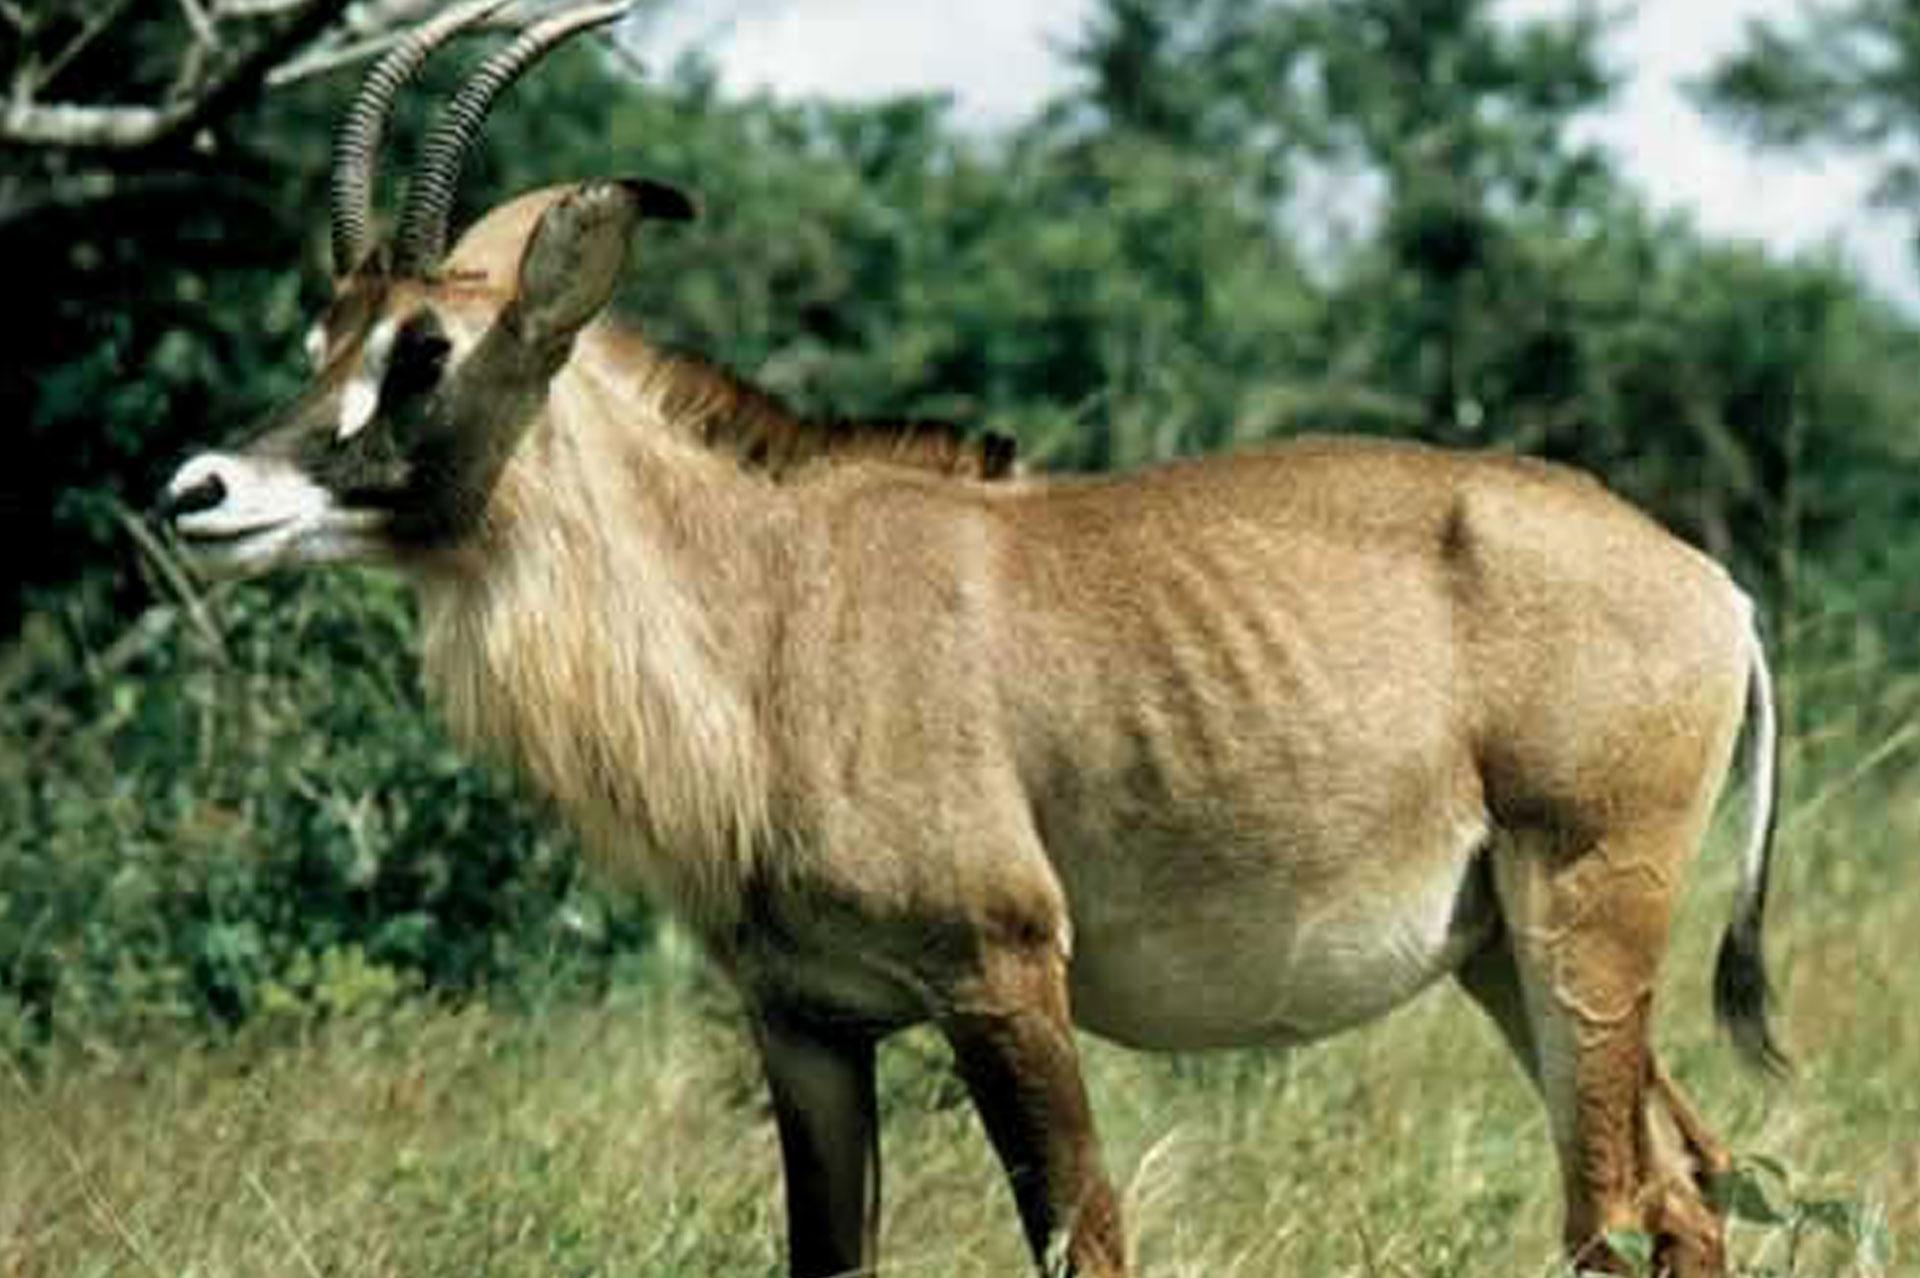 Diani_travel_center_national_parks_in_kenya_ruma_national_park_image_1